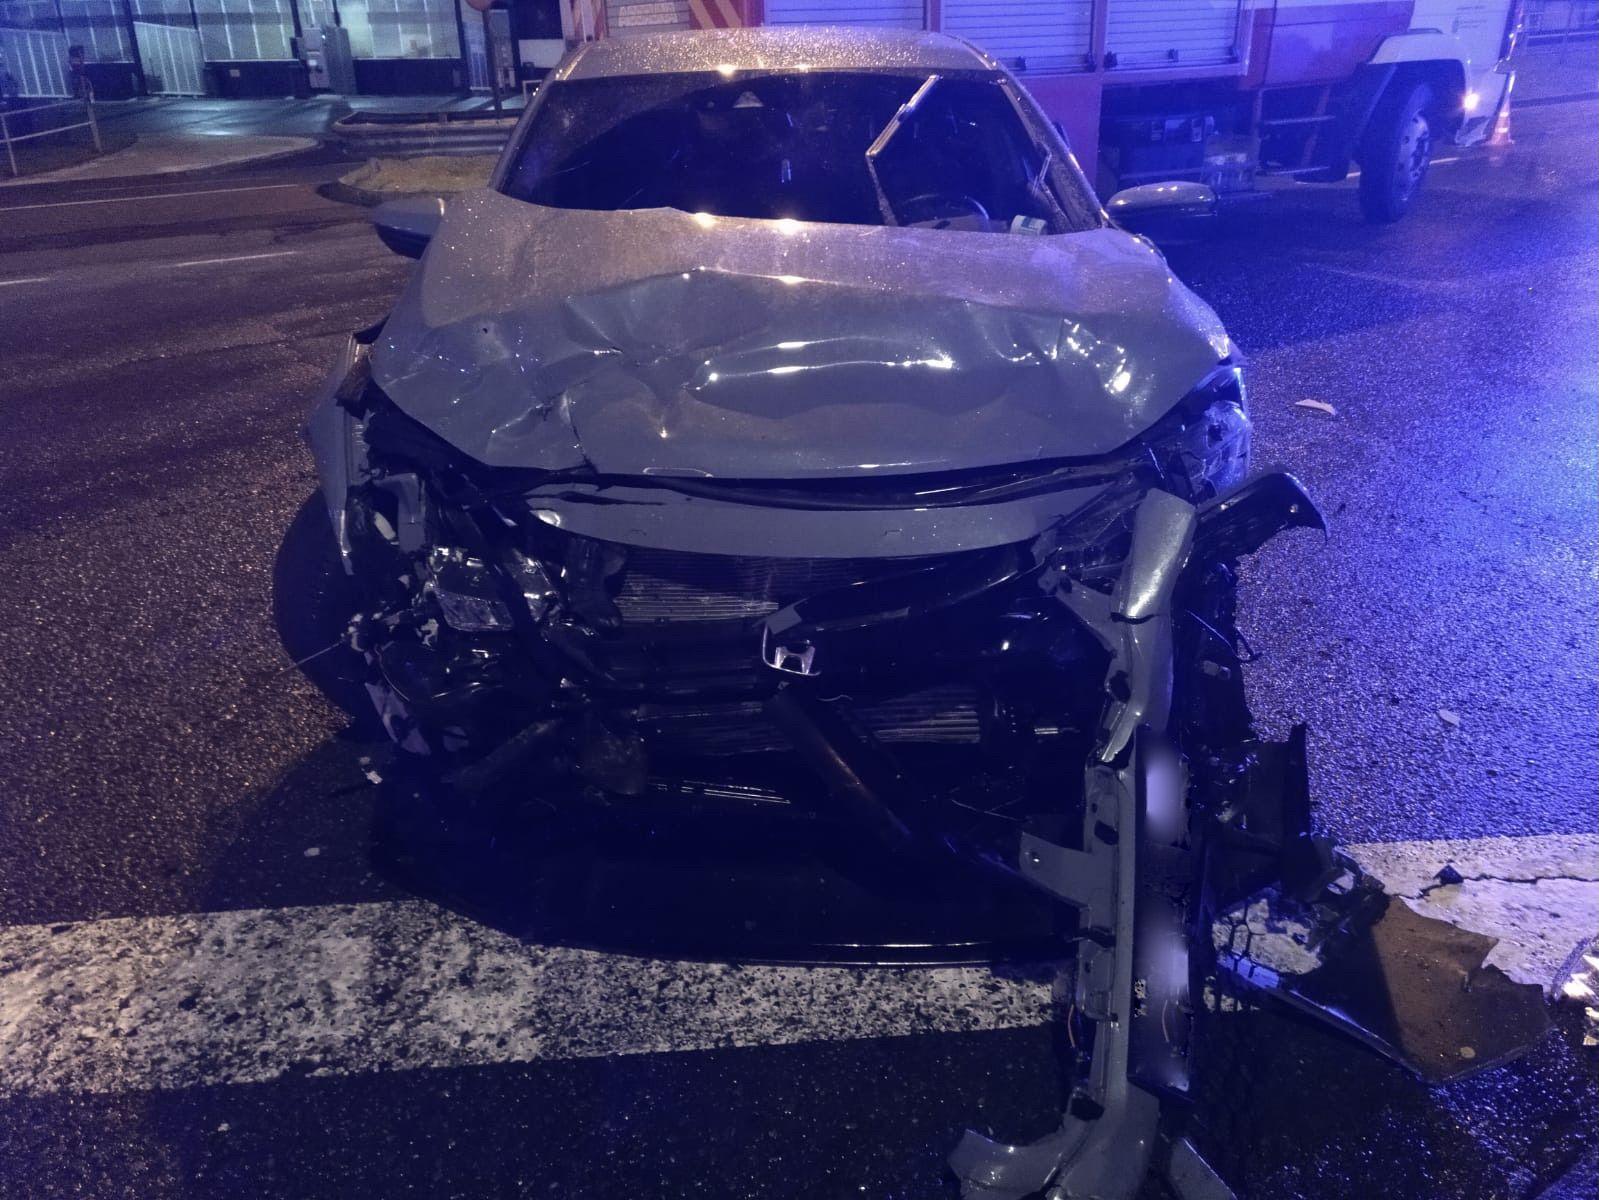 Estado en el que quedó el coche que colisionó contra el de la fallecida.